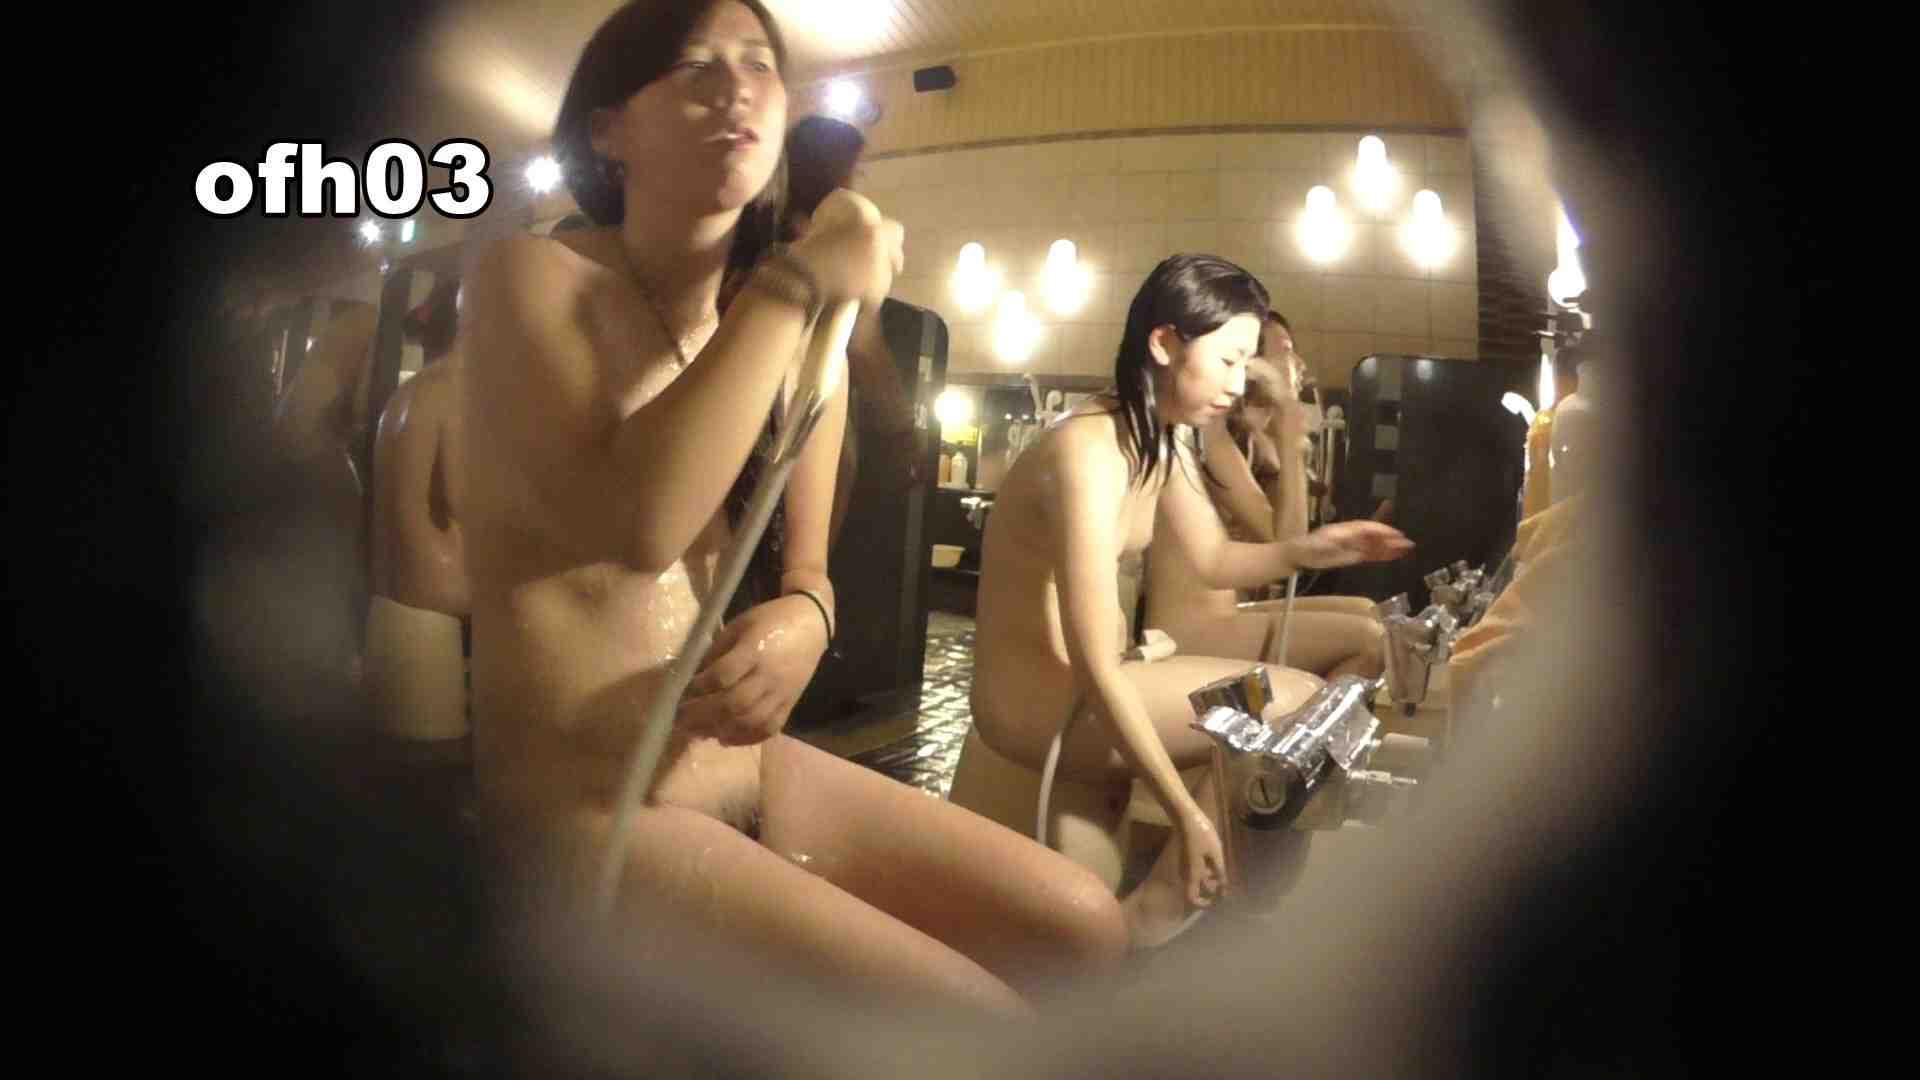 お風呂HEROの助手 vol.03 OLハメ撮り  65Pix 13